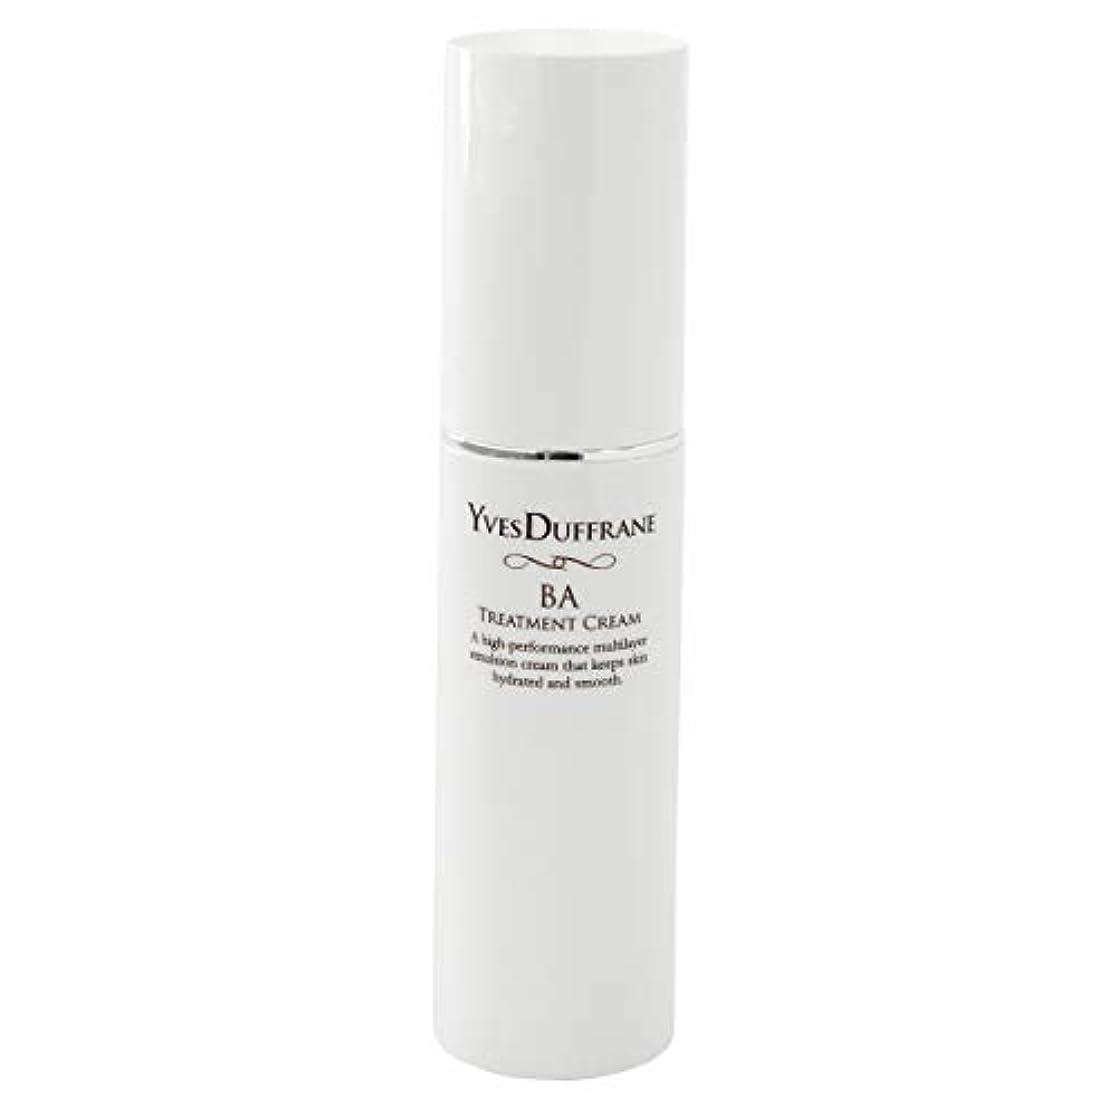 メールそれによって輪郭セラミド 美容クリーム [BAトリートメント クリーム ] 顔 目元 敏感肌 保湿 セラミド ビタミンC誘導体 バイオアンテージ配合